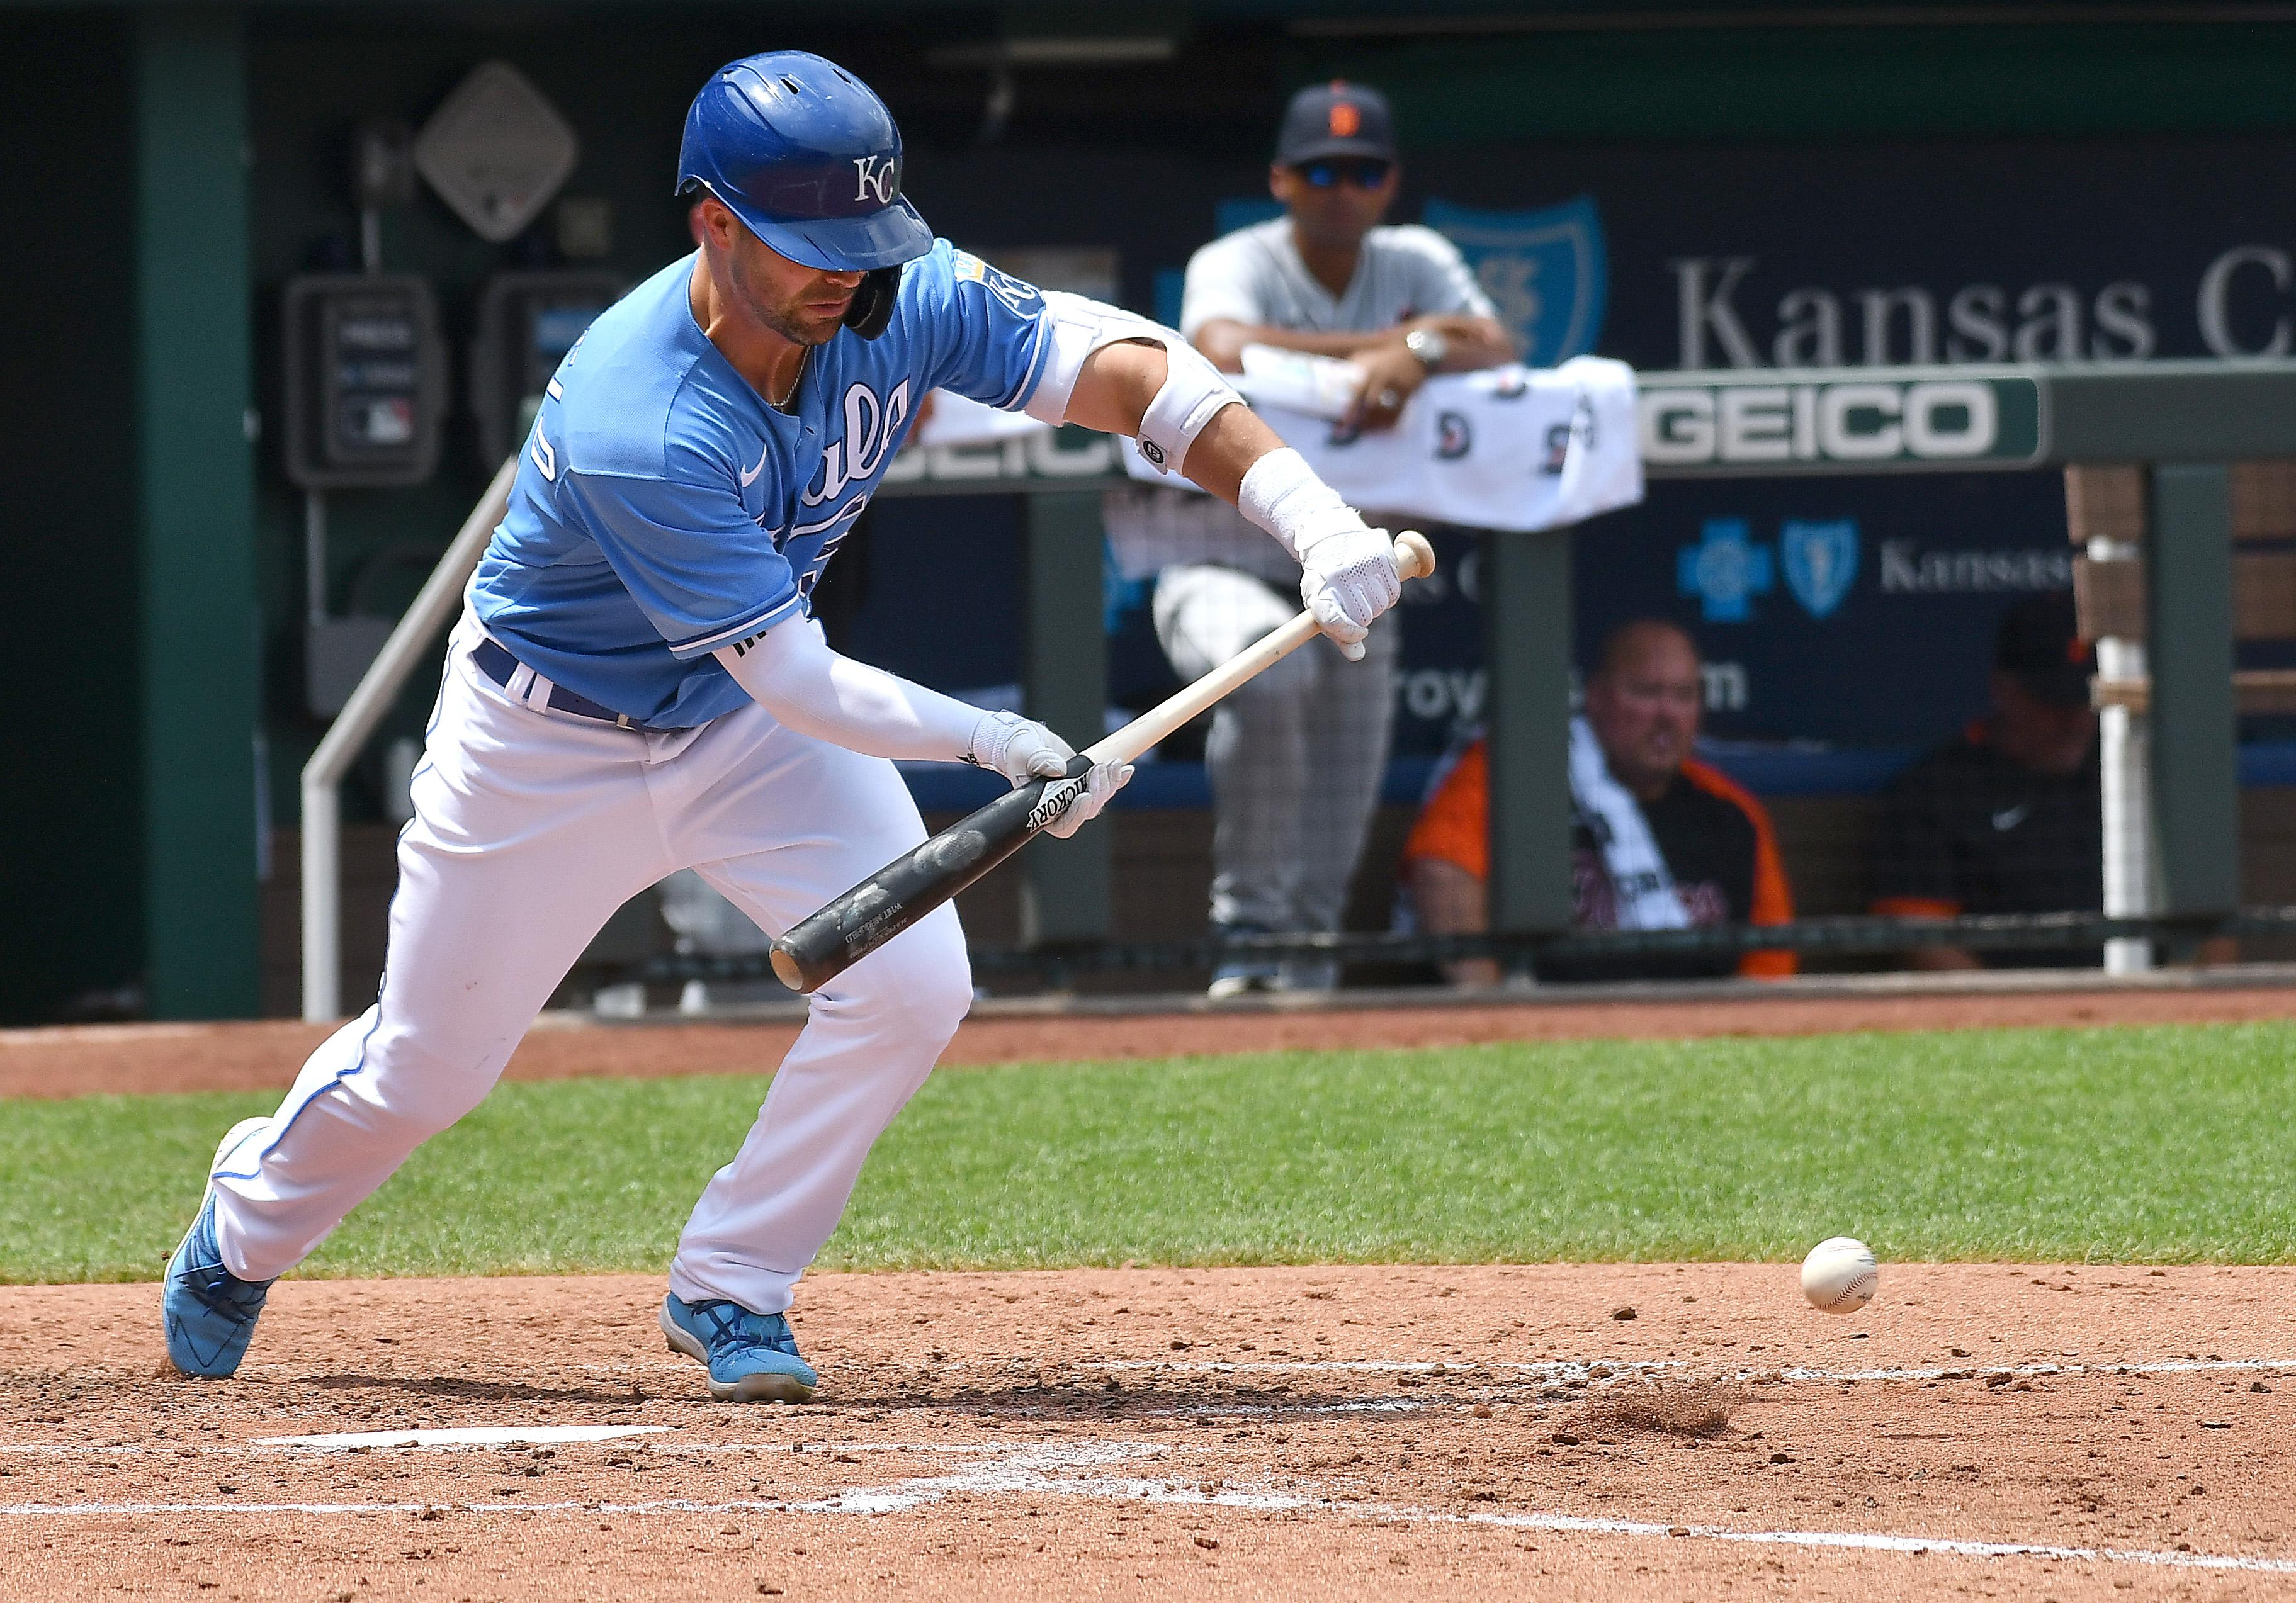 MLB: JUL 25 Tigers at Royals